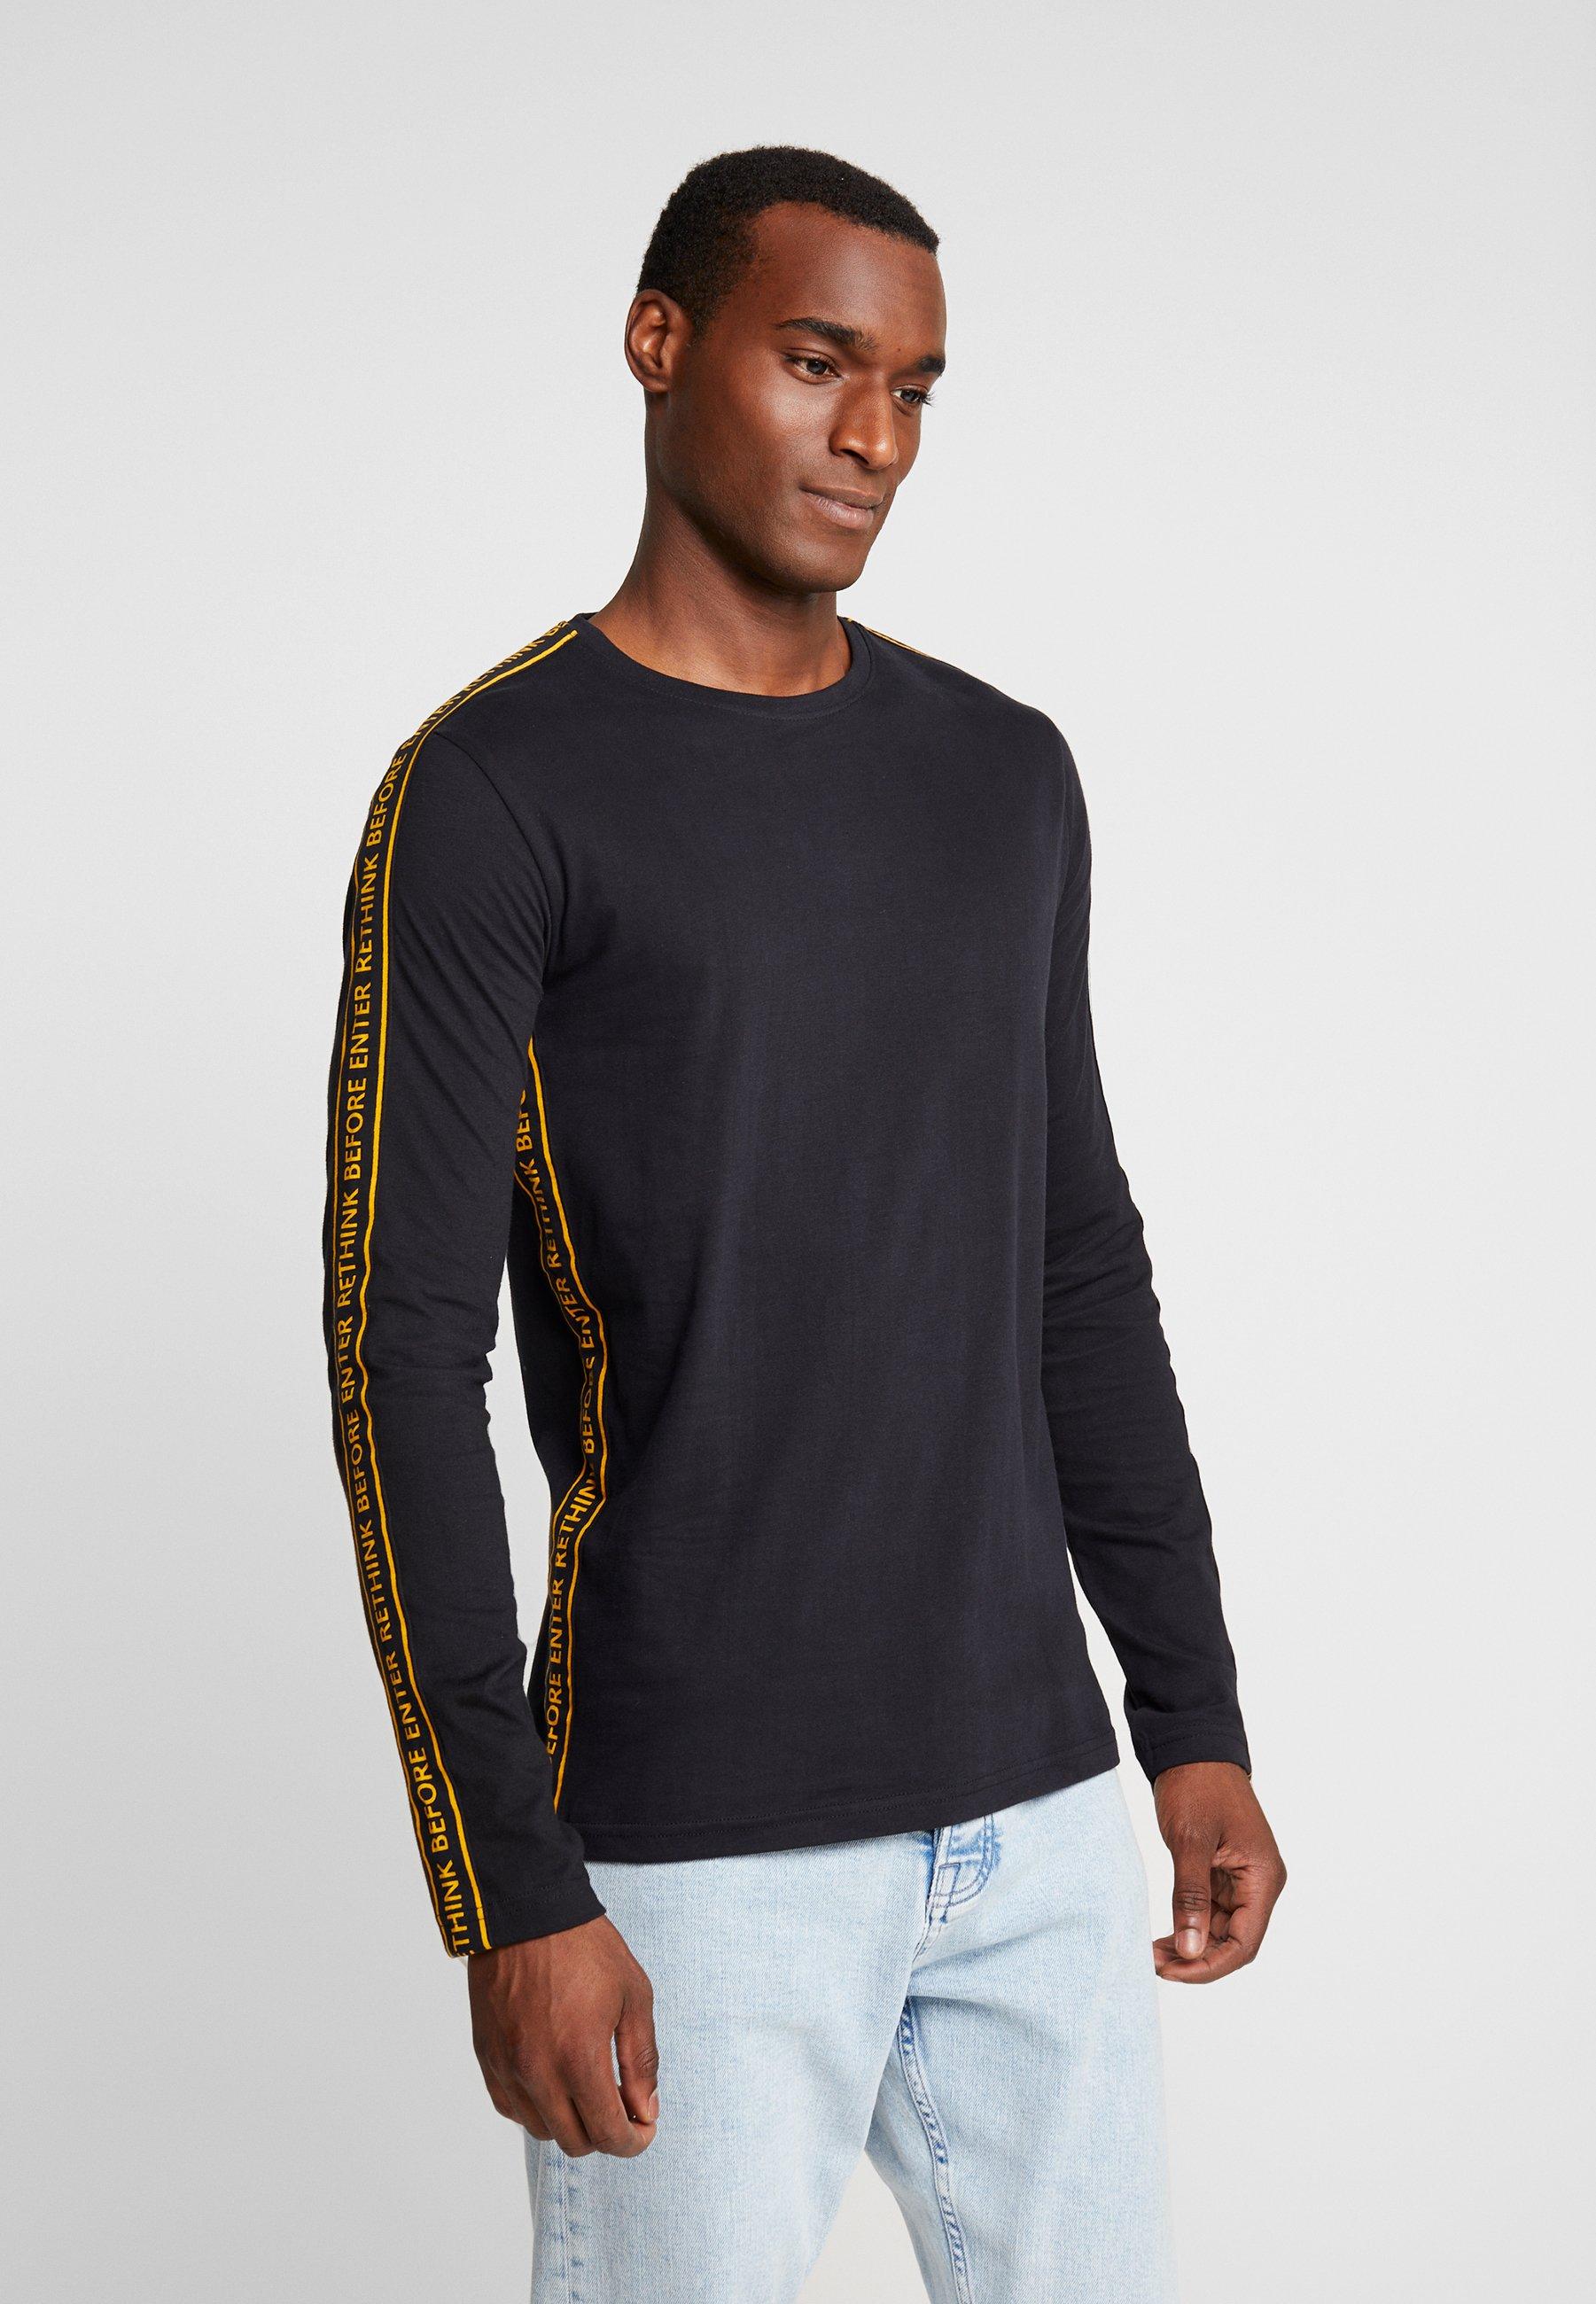 À Manches Indicode shirt Jeans Longues Black GreenlandT kX80OnwP